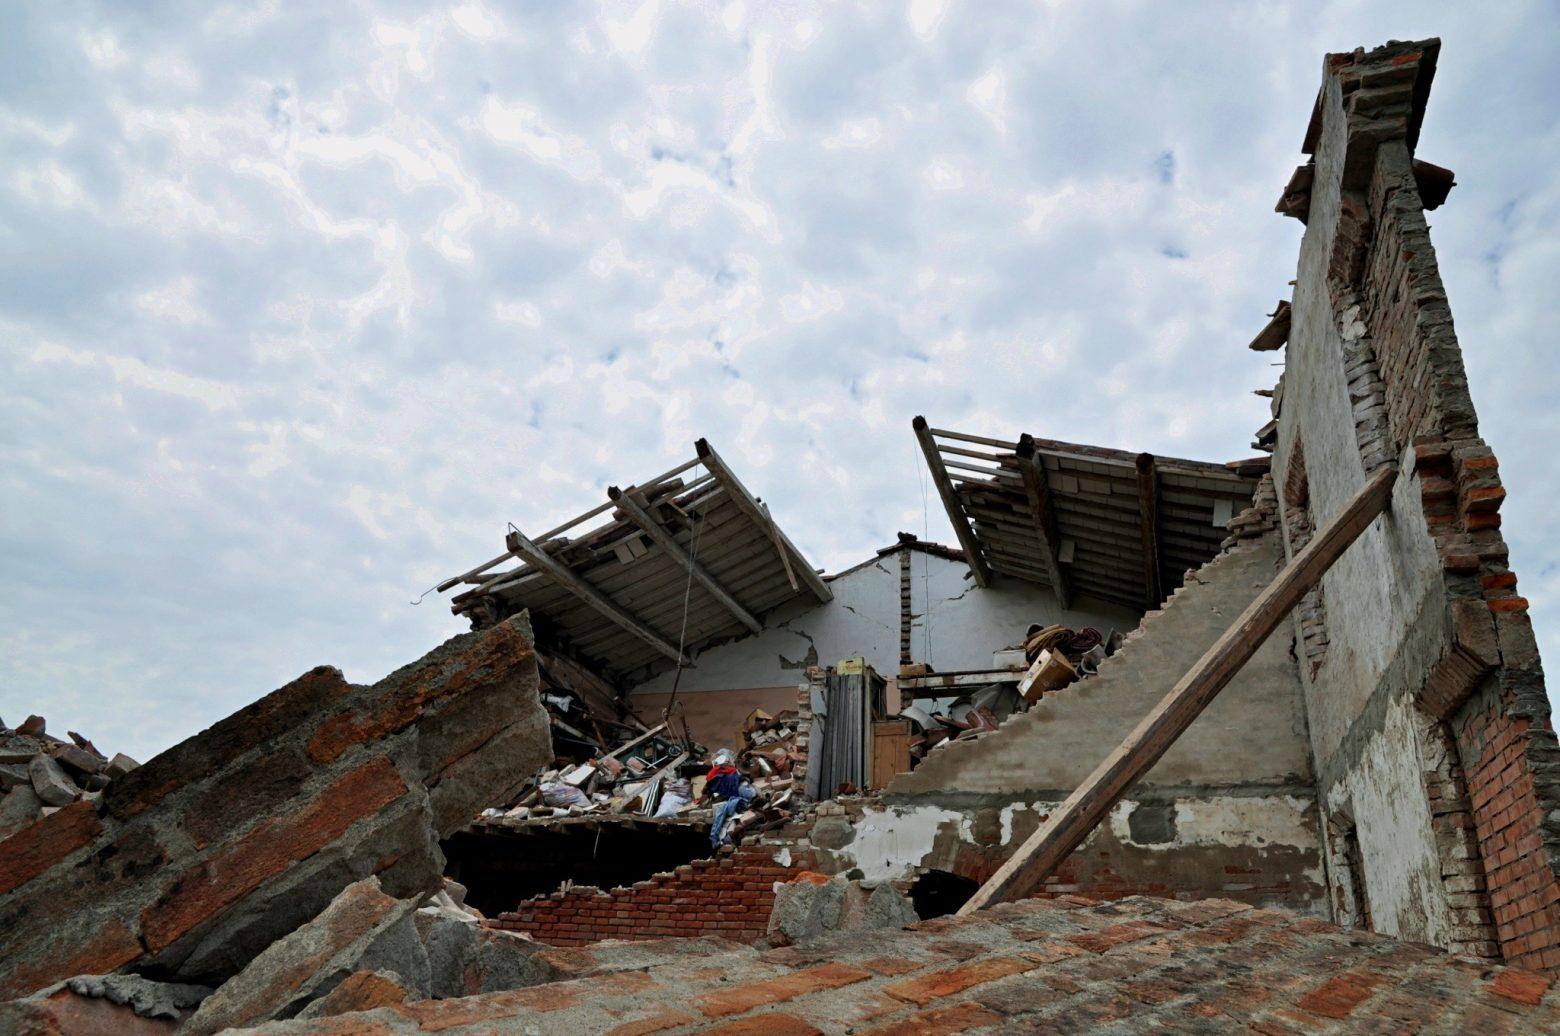 immagini distruzione post sisma